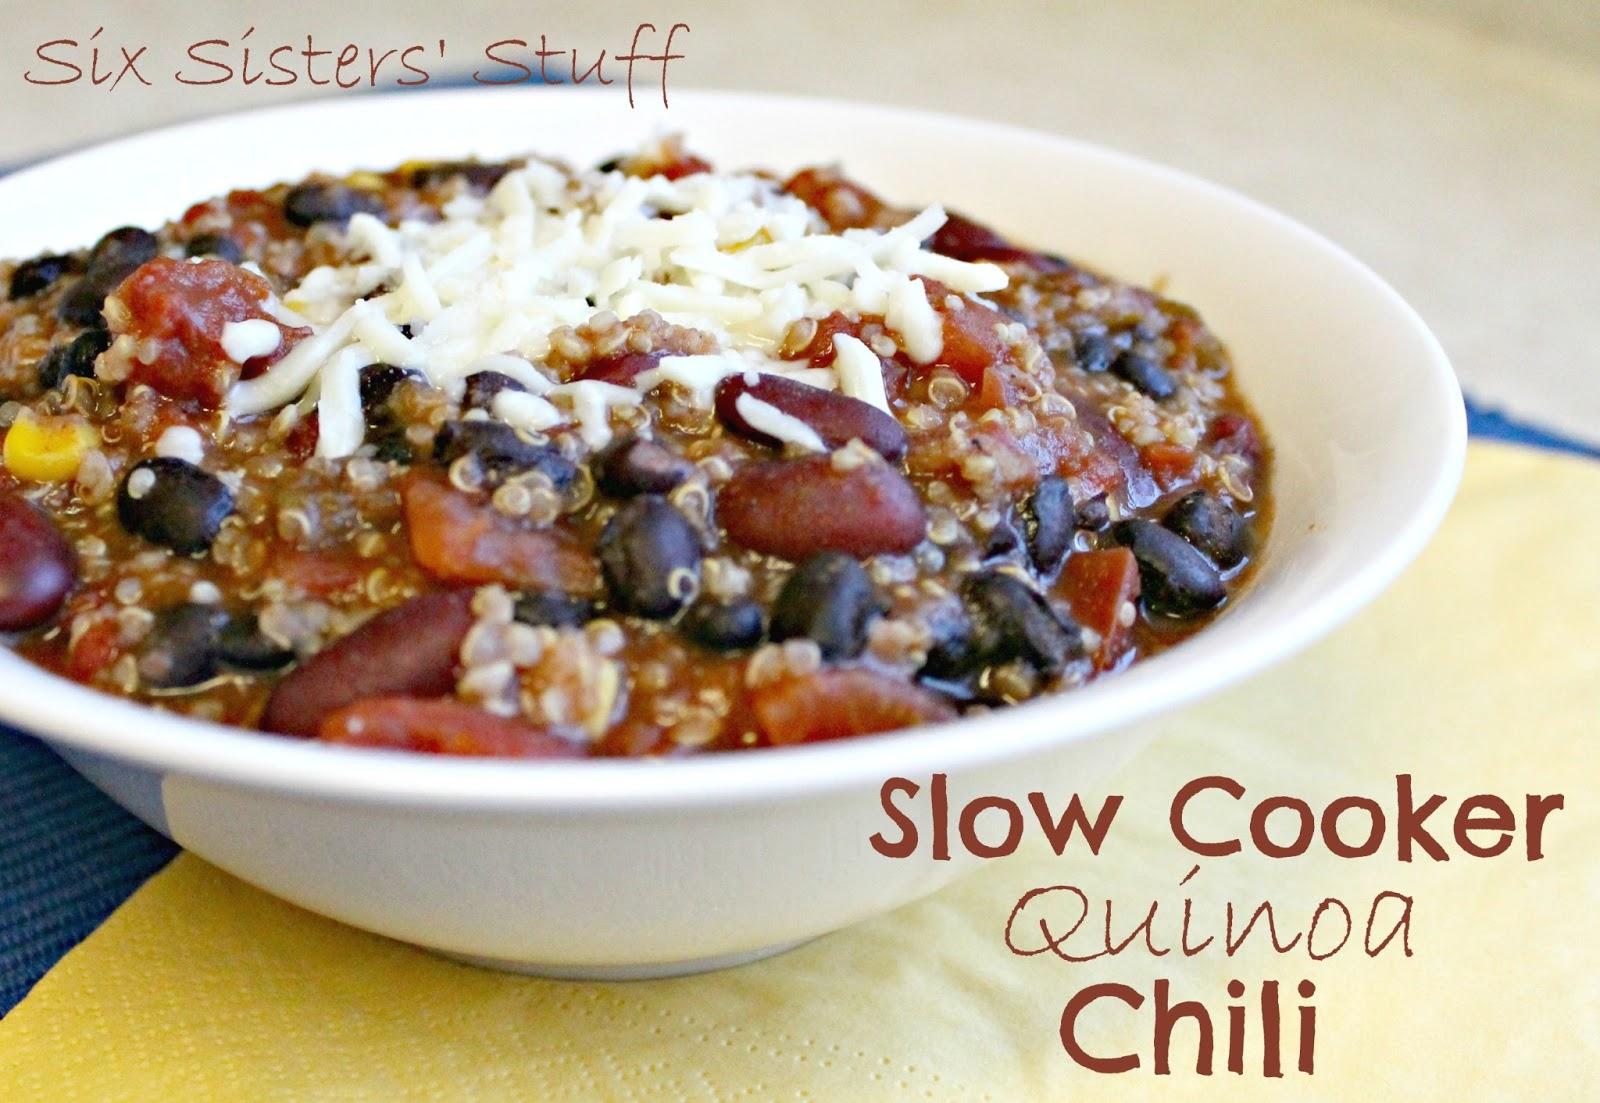 Slow cooker Quinoa Chili | Six Sisters' Stuff